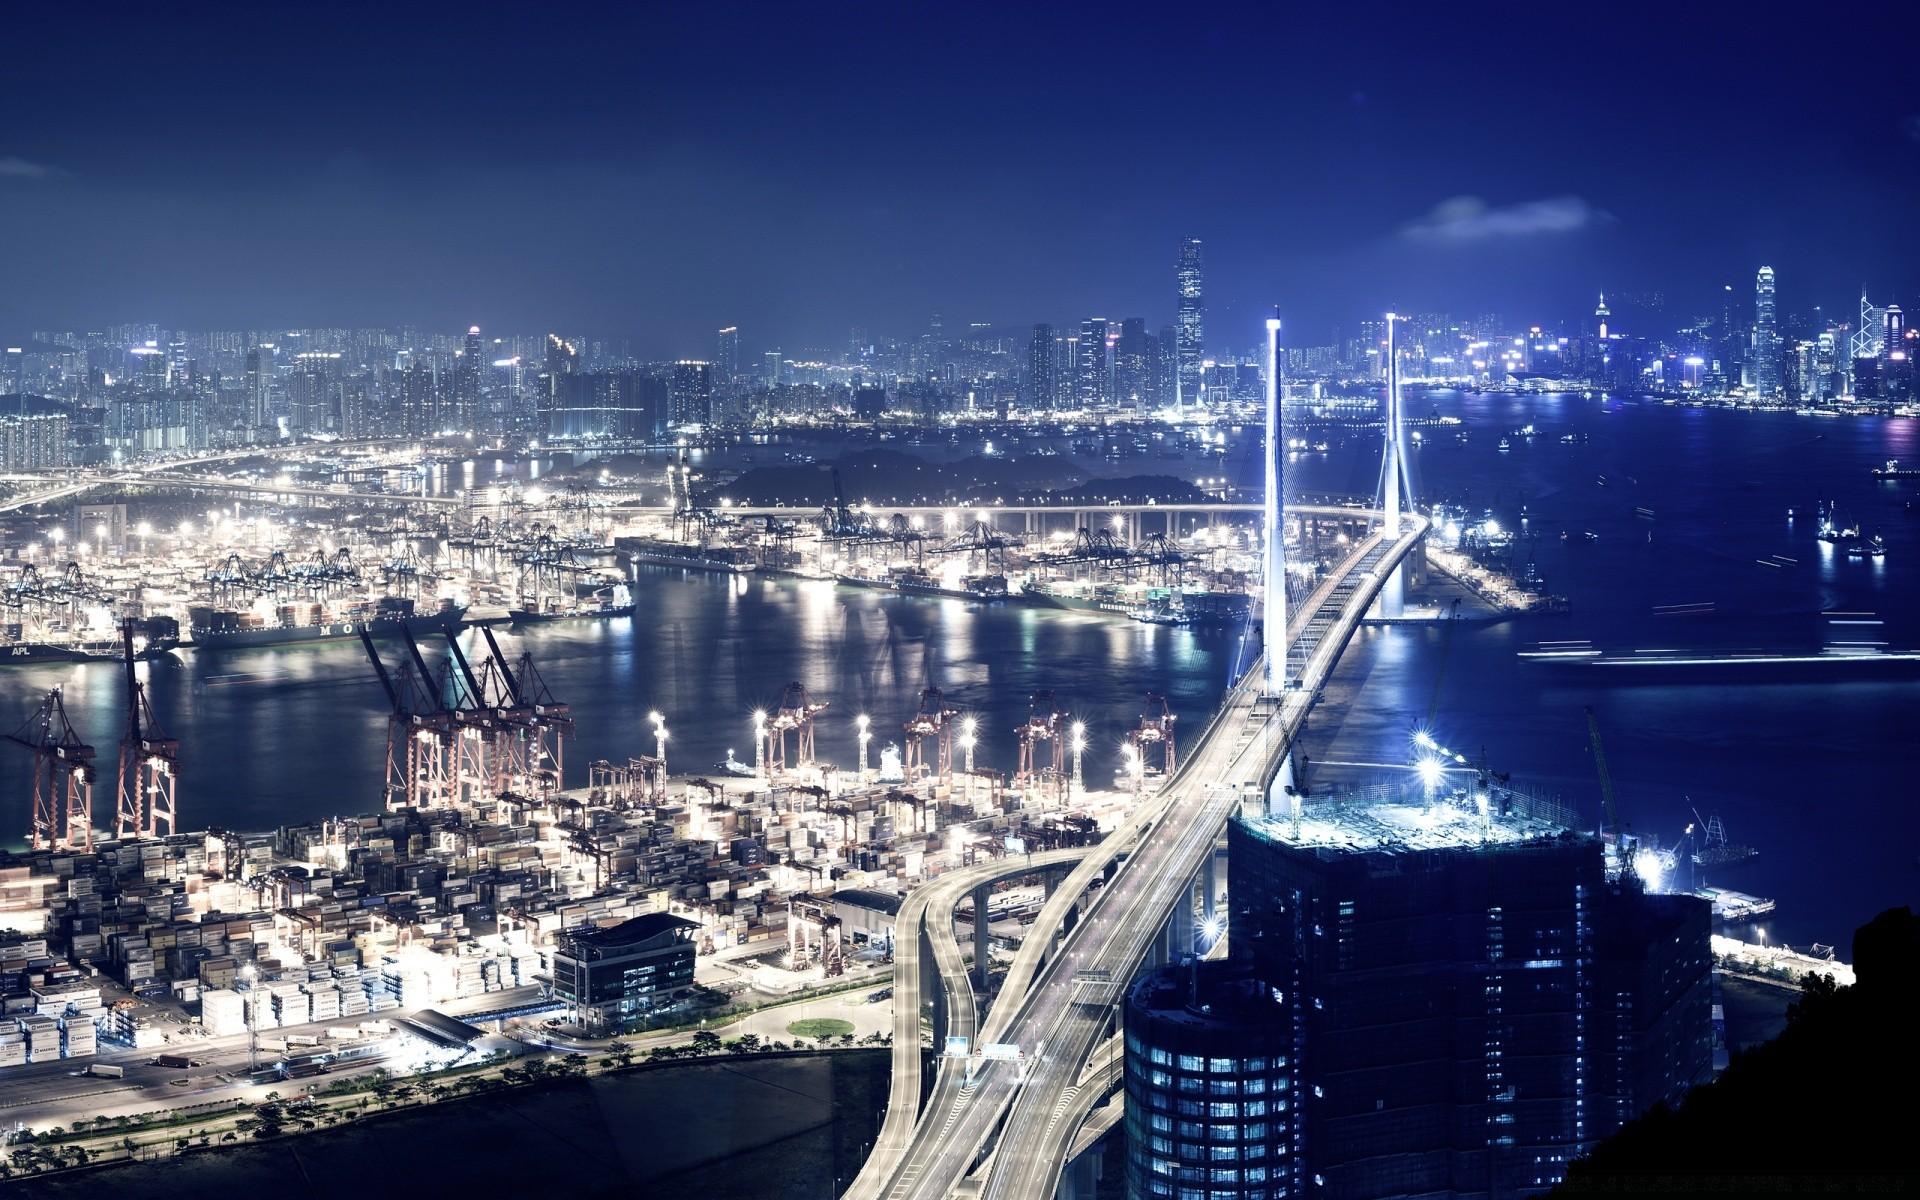 Картинки для рабочего стола с видом города